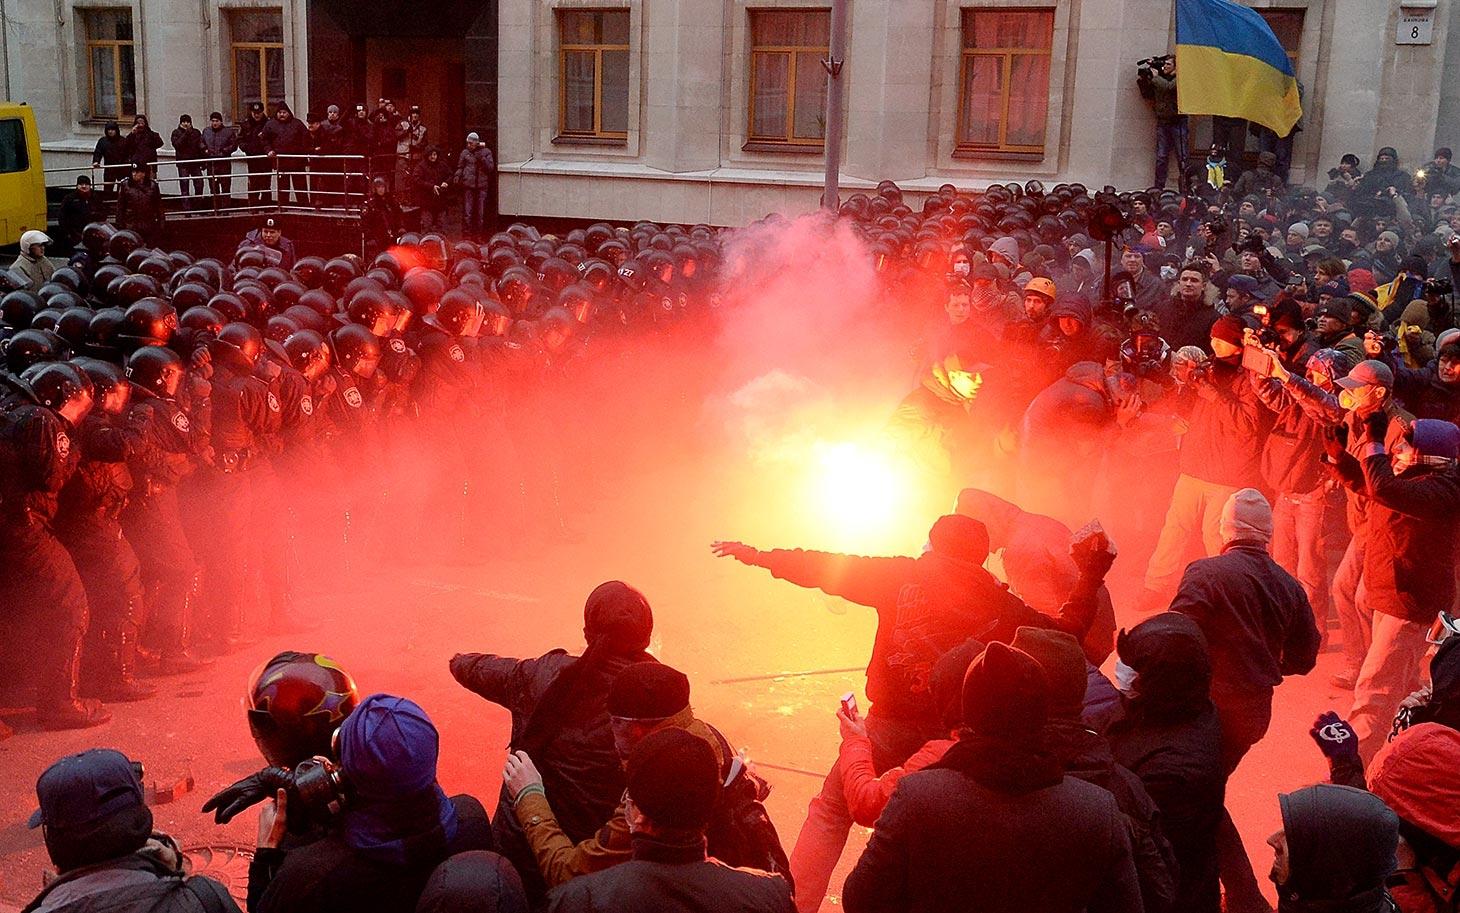 ليبيا تحذر رعاياها بأوكرانيا وتطالبهم بالابتعاد عن أماكن المظاهرات